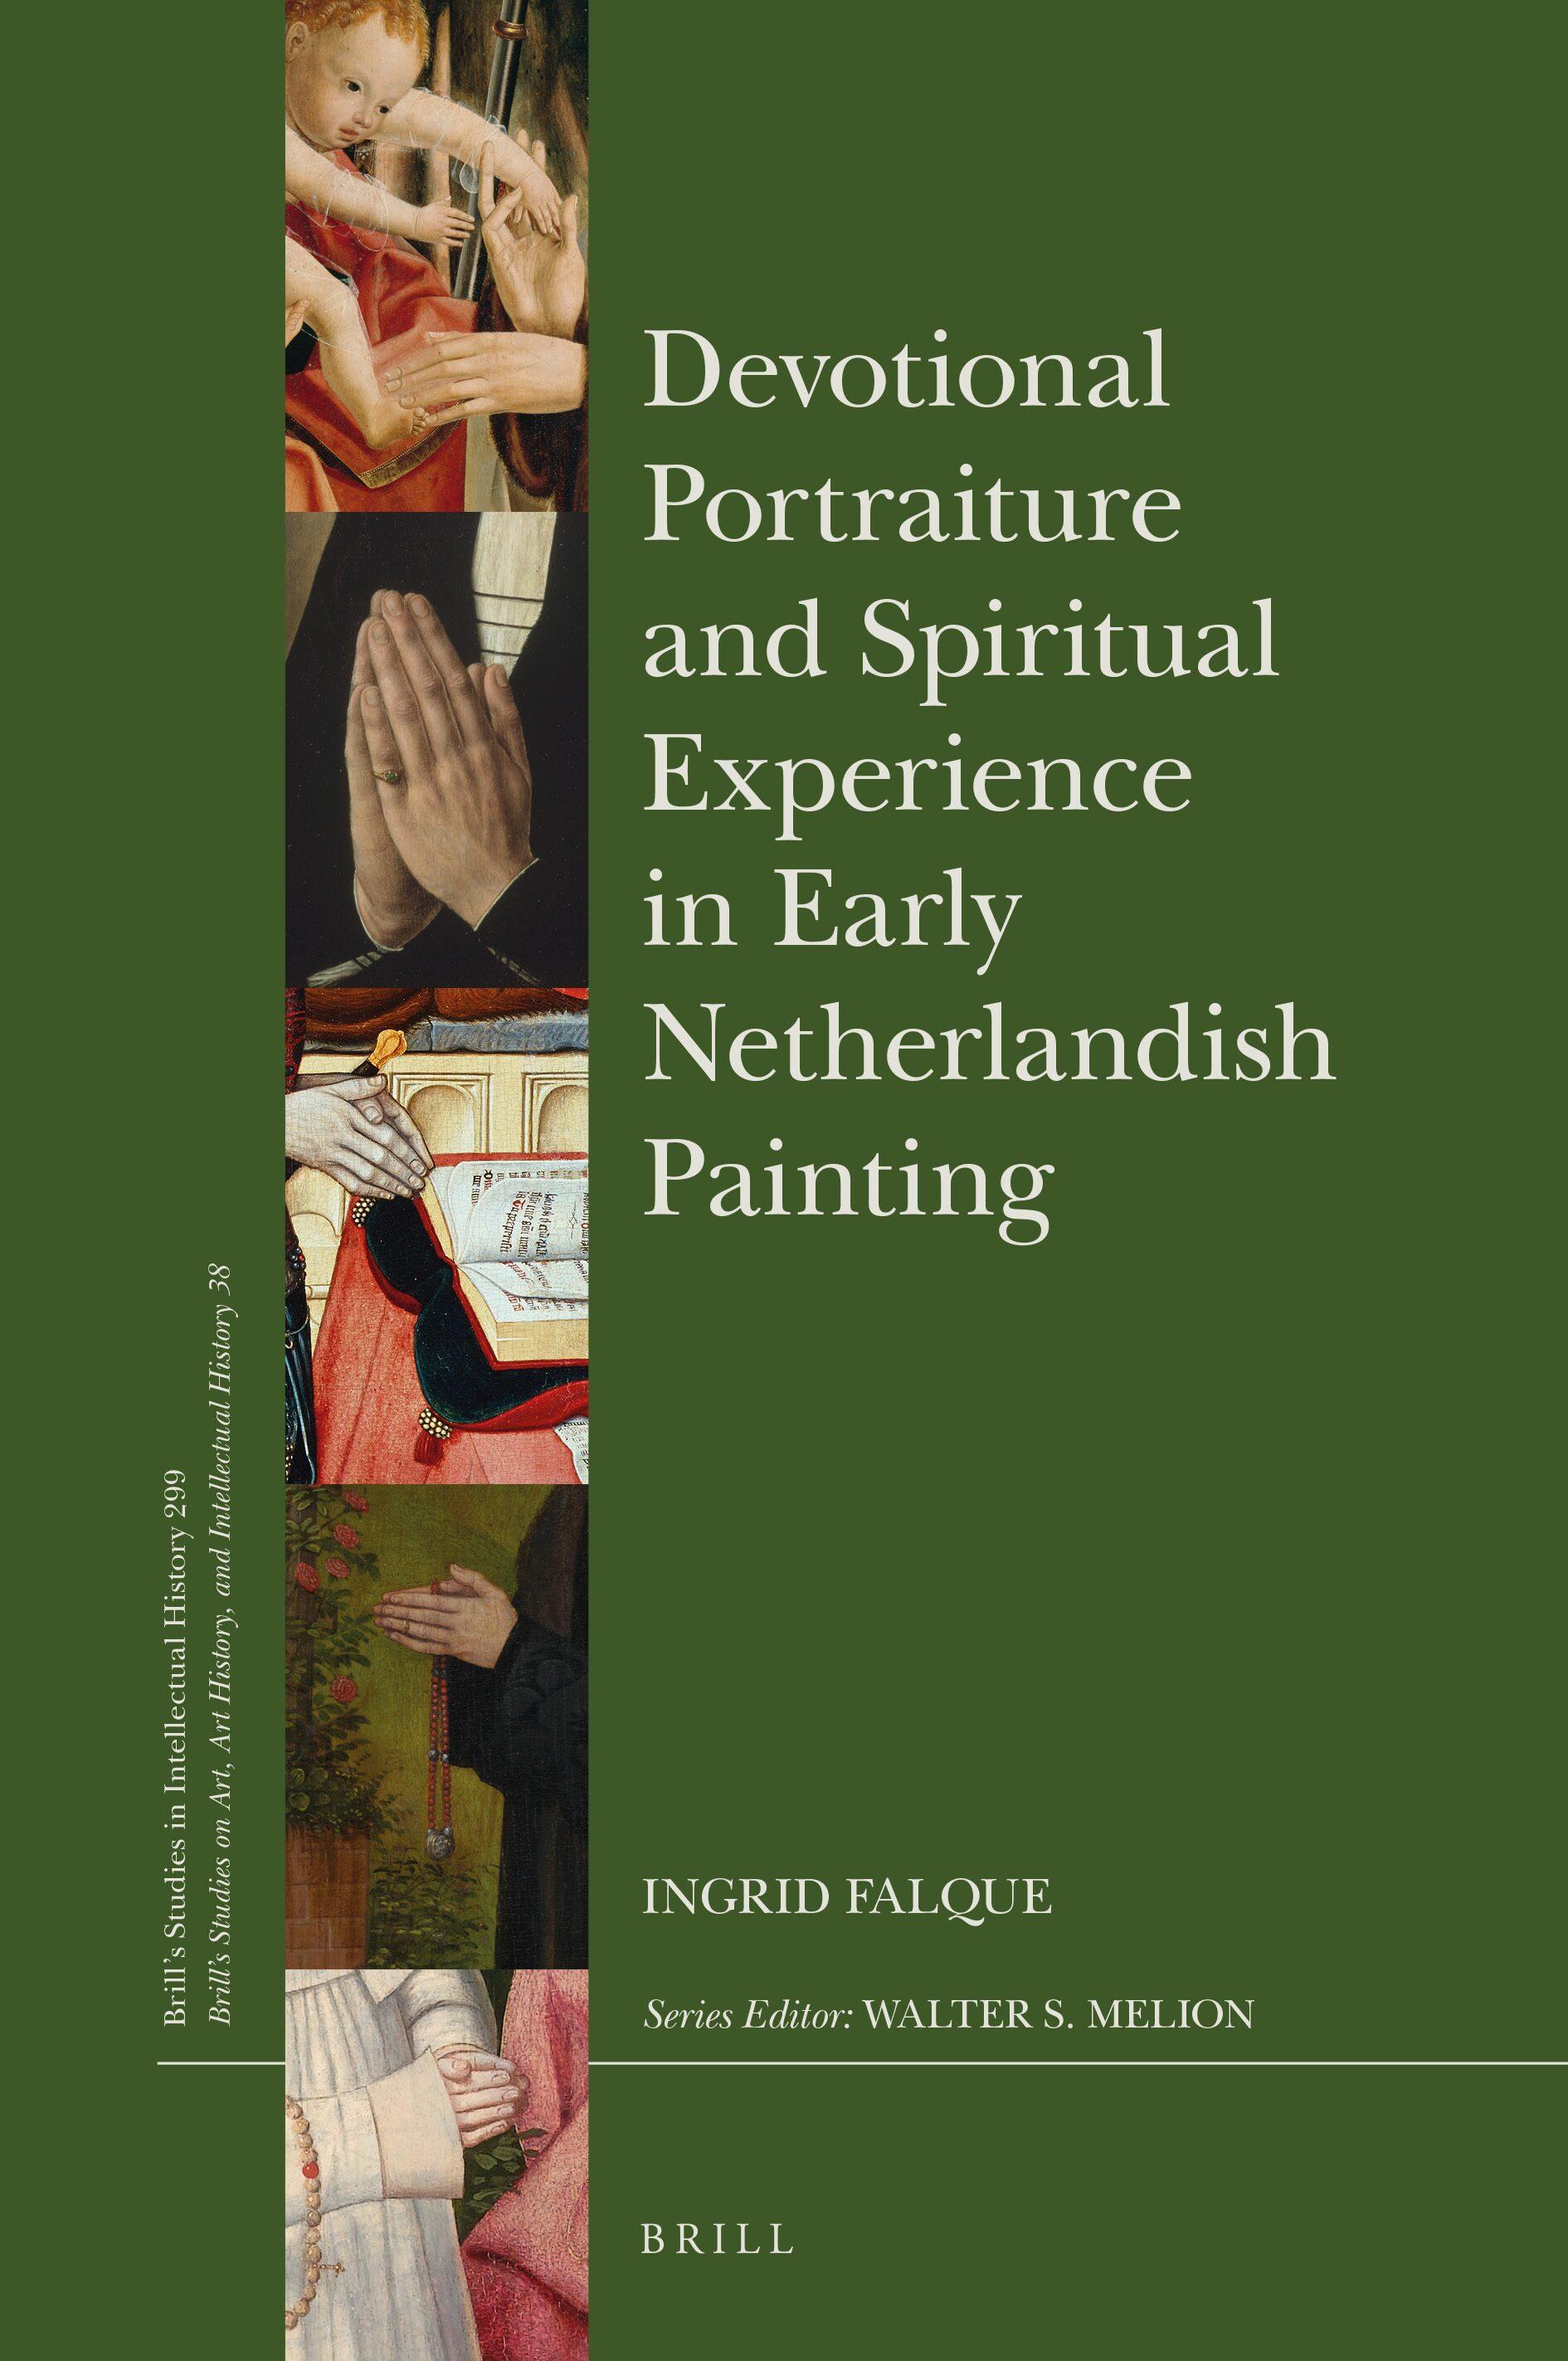 Ora Pro Me In Devotional Portraiture And Spiritual